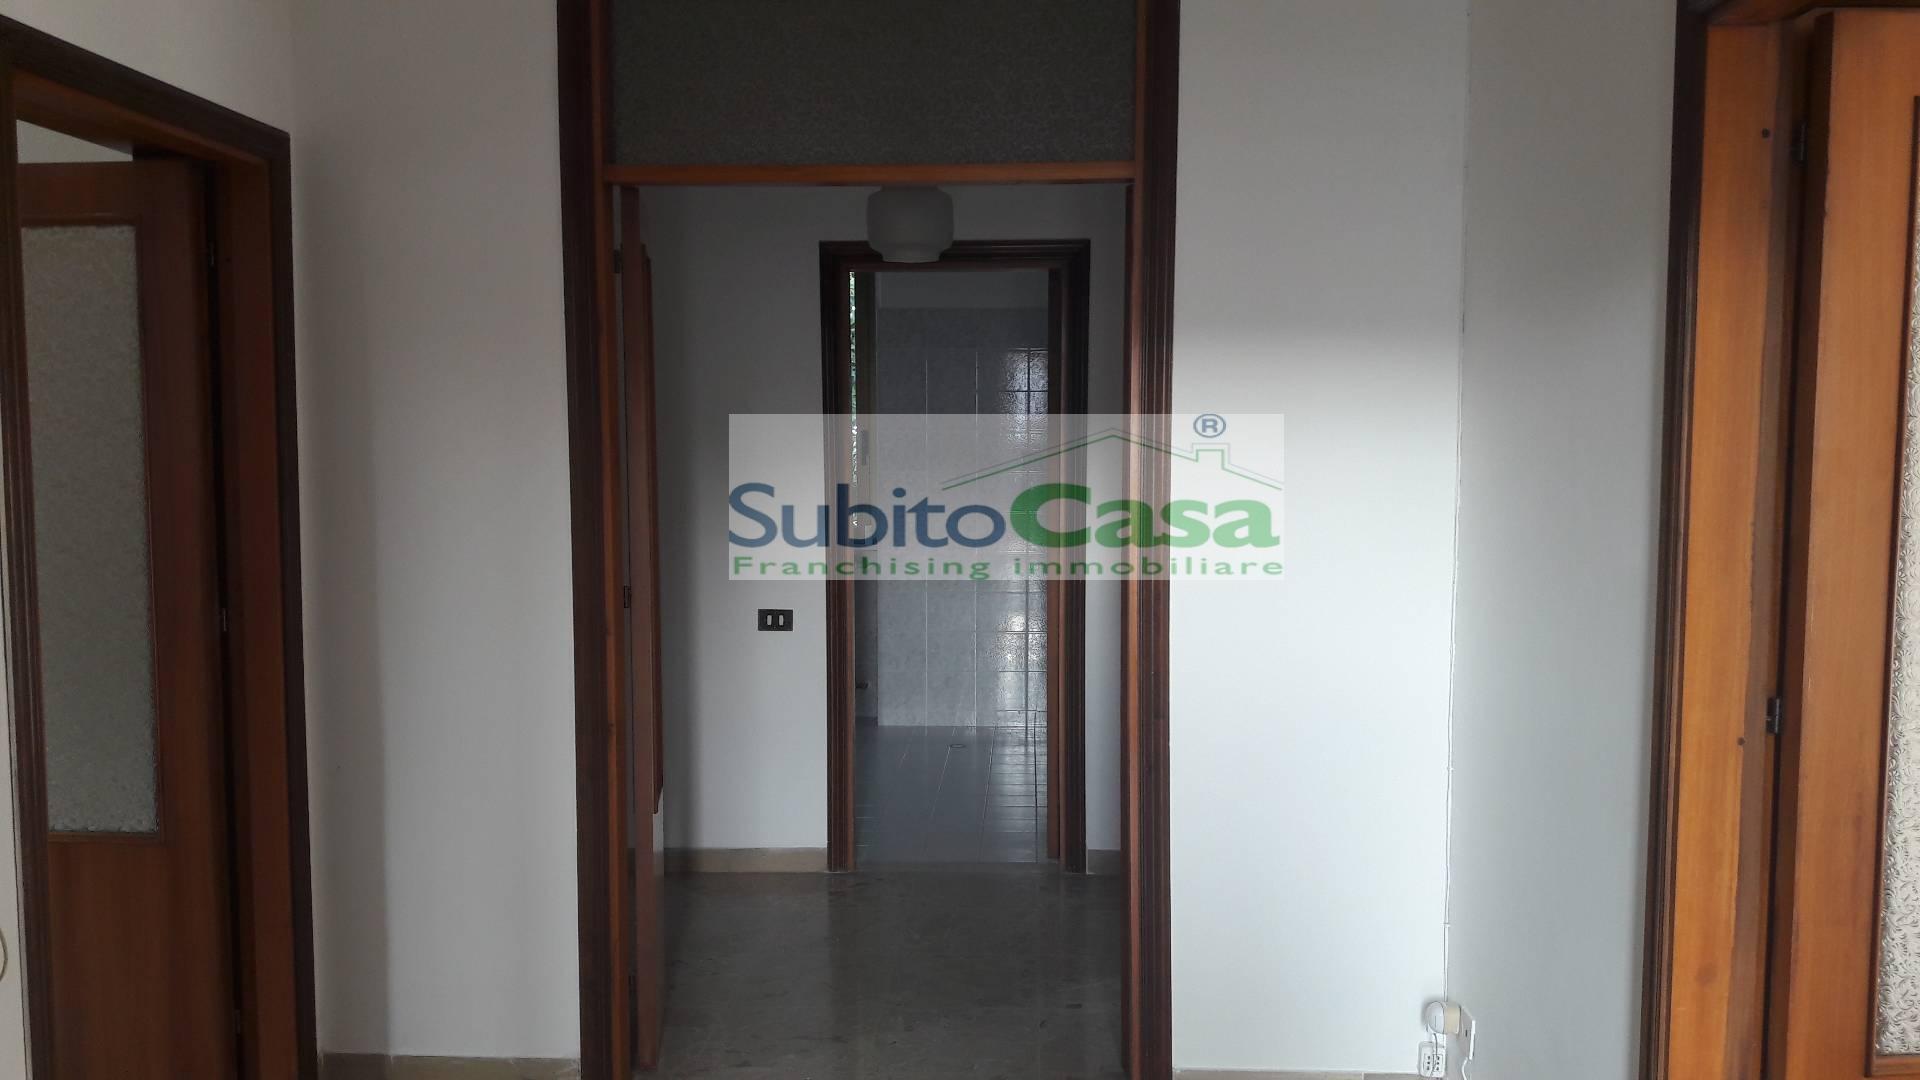 Appartamento in affitto a Cepagatti, 5 locali, zona Località: Centro, prezzo € 400 | Cambio Casa.it